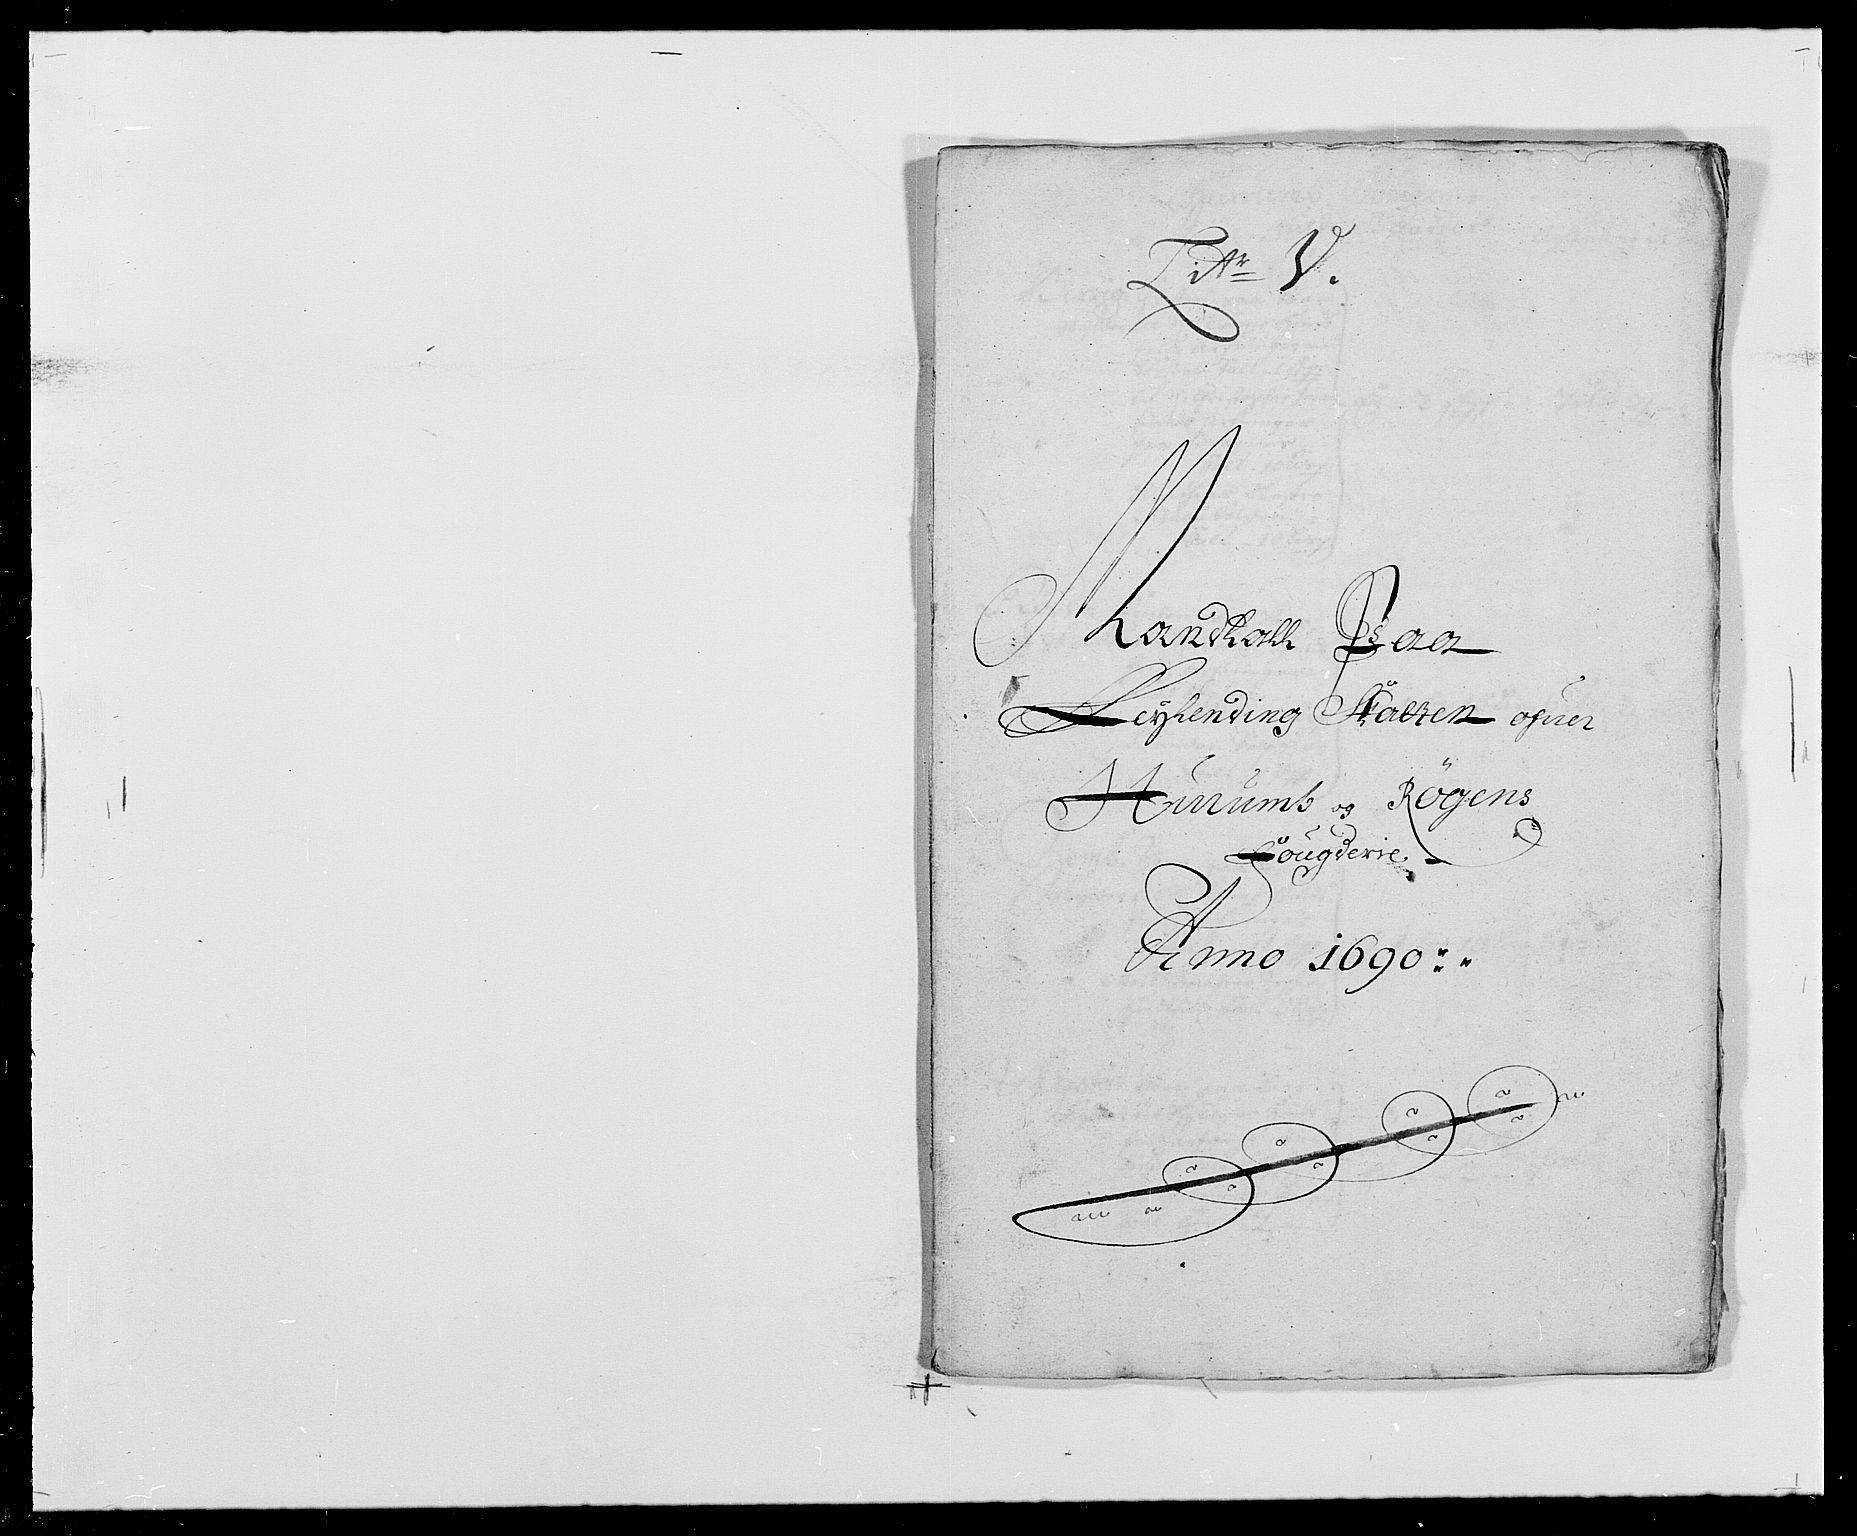 RA, Rentekammeret inntil 1814, Reviderte regnskaper, Fogderegnskap, R29/L1693: Fogderegnskap Hurum og Røyken, 1688-1693, s. 154